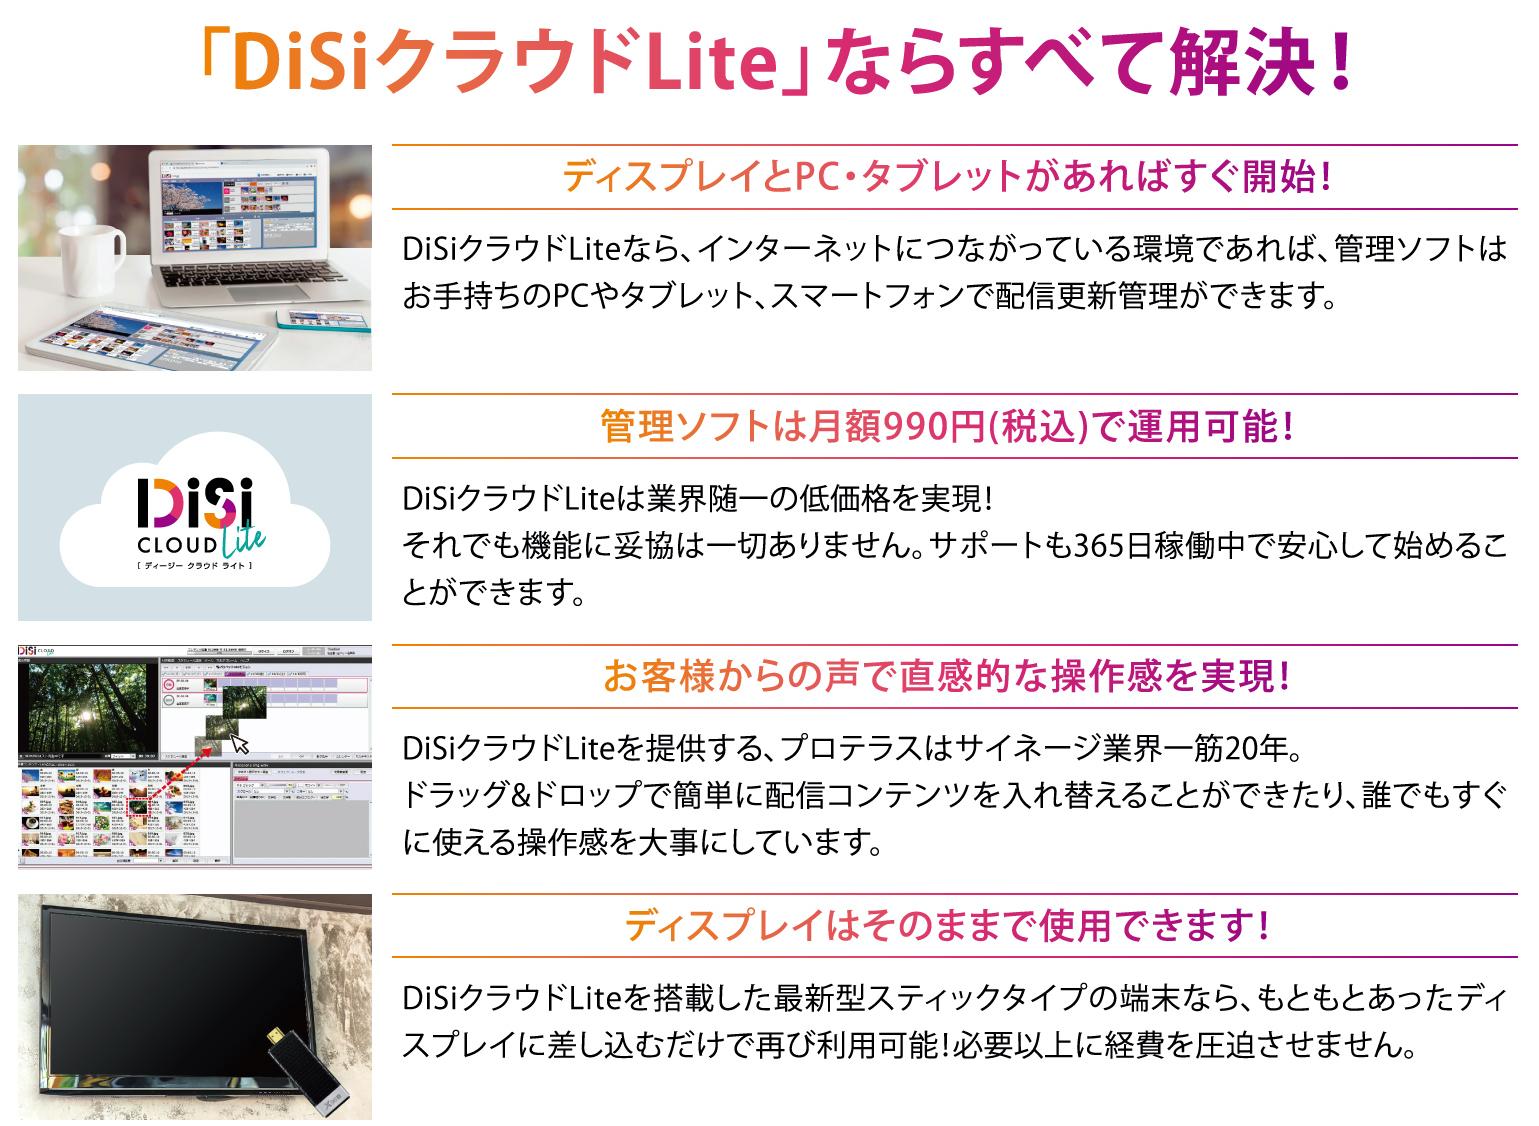 《DiSiクラウドLite - 今なら初月無料》デジタルサイネージをクラウド管理できる「DiSiクラウド」から新プラン ...